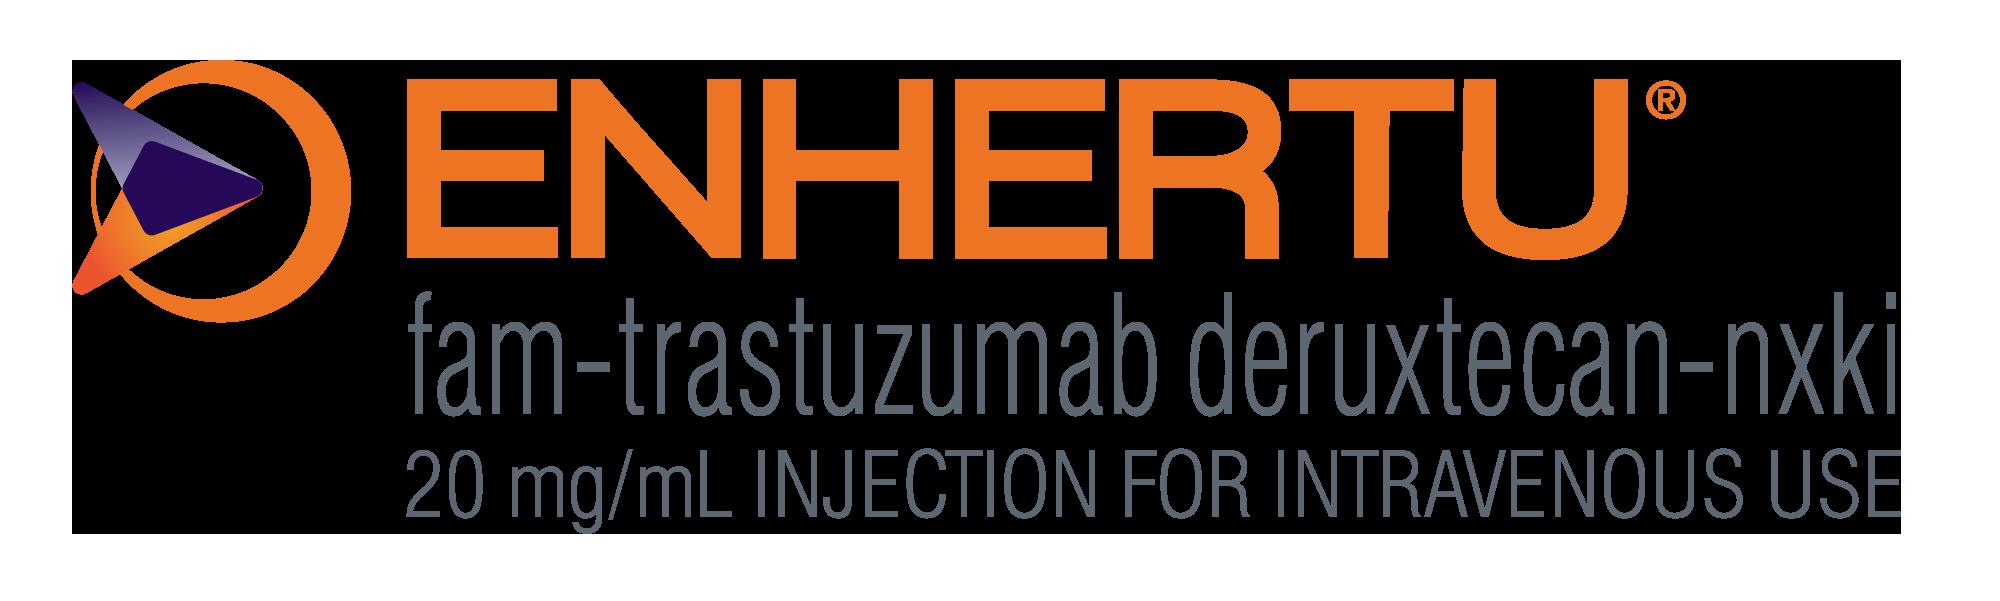 ENHERTU logo